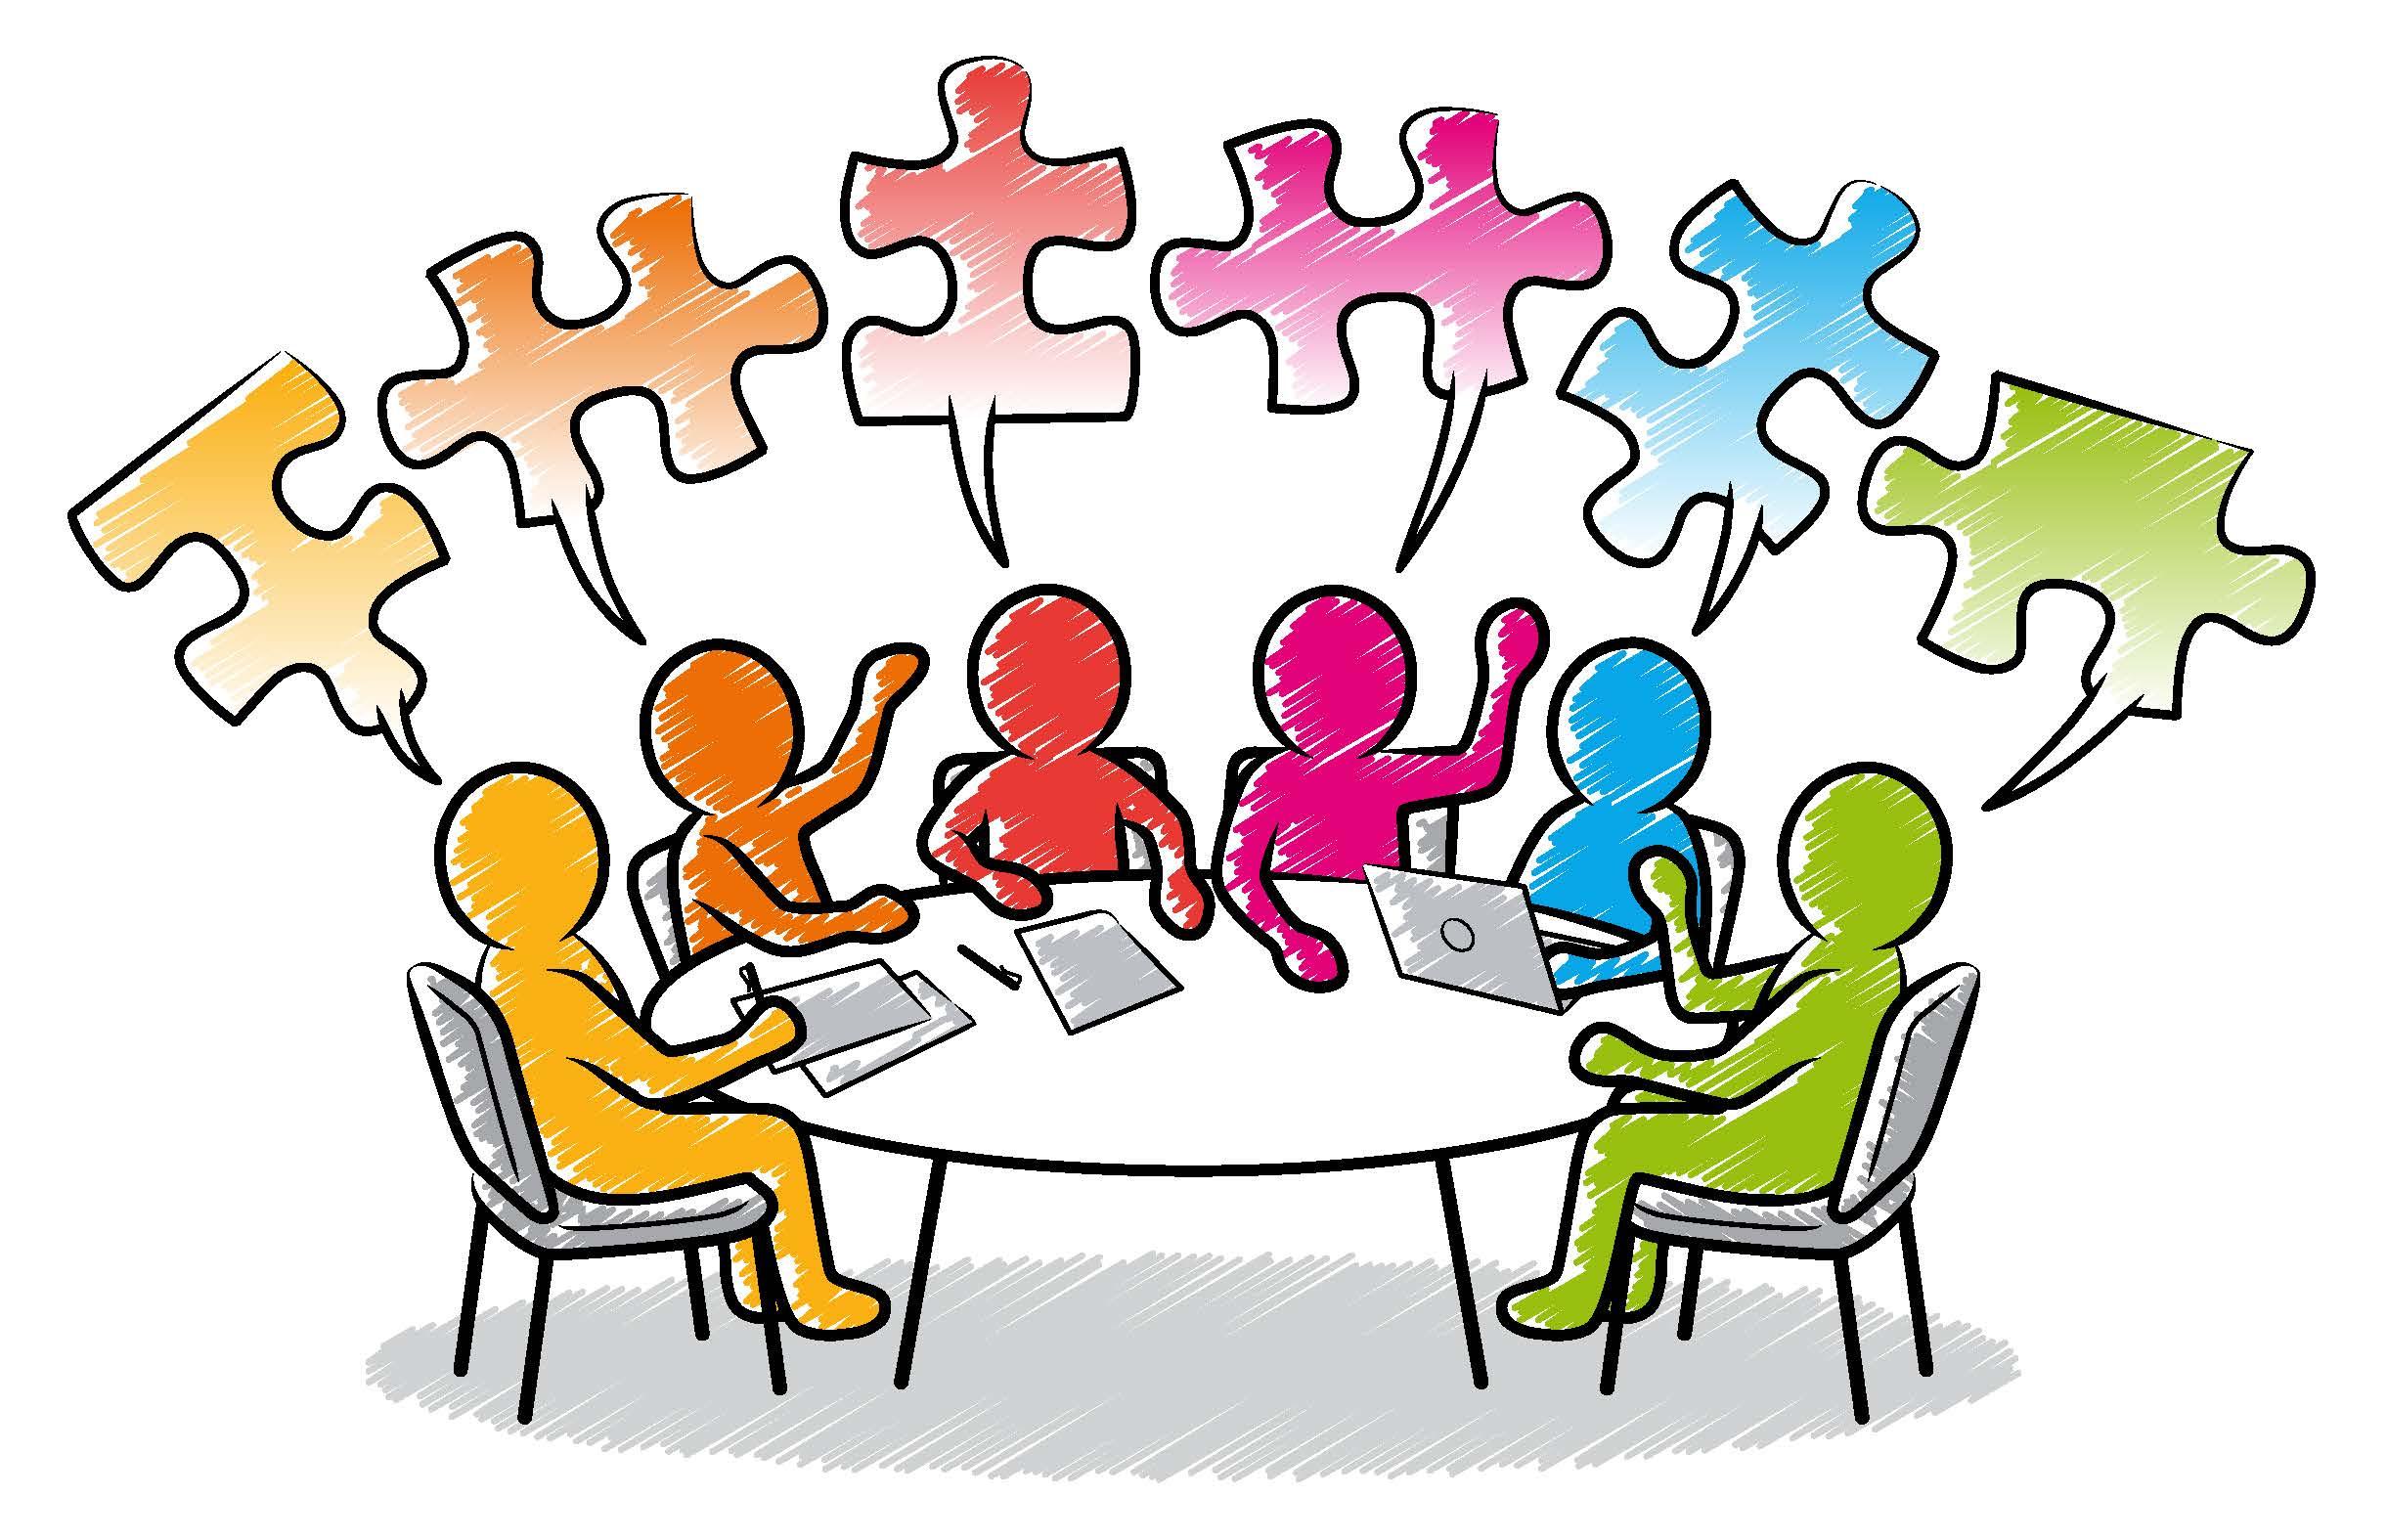 Teamarbeit - jeder hat ein Puzzleteil